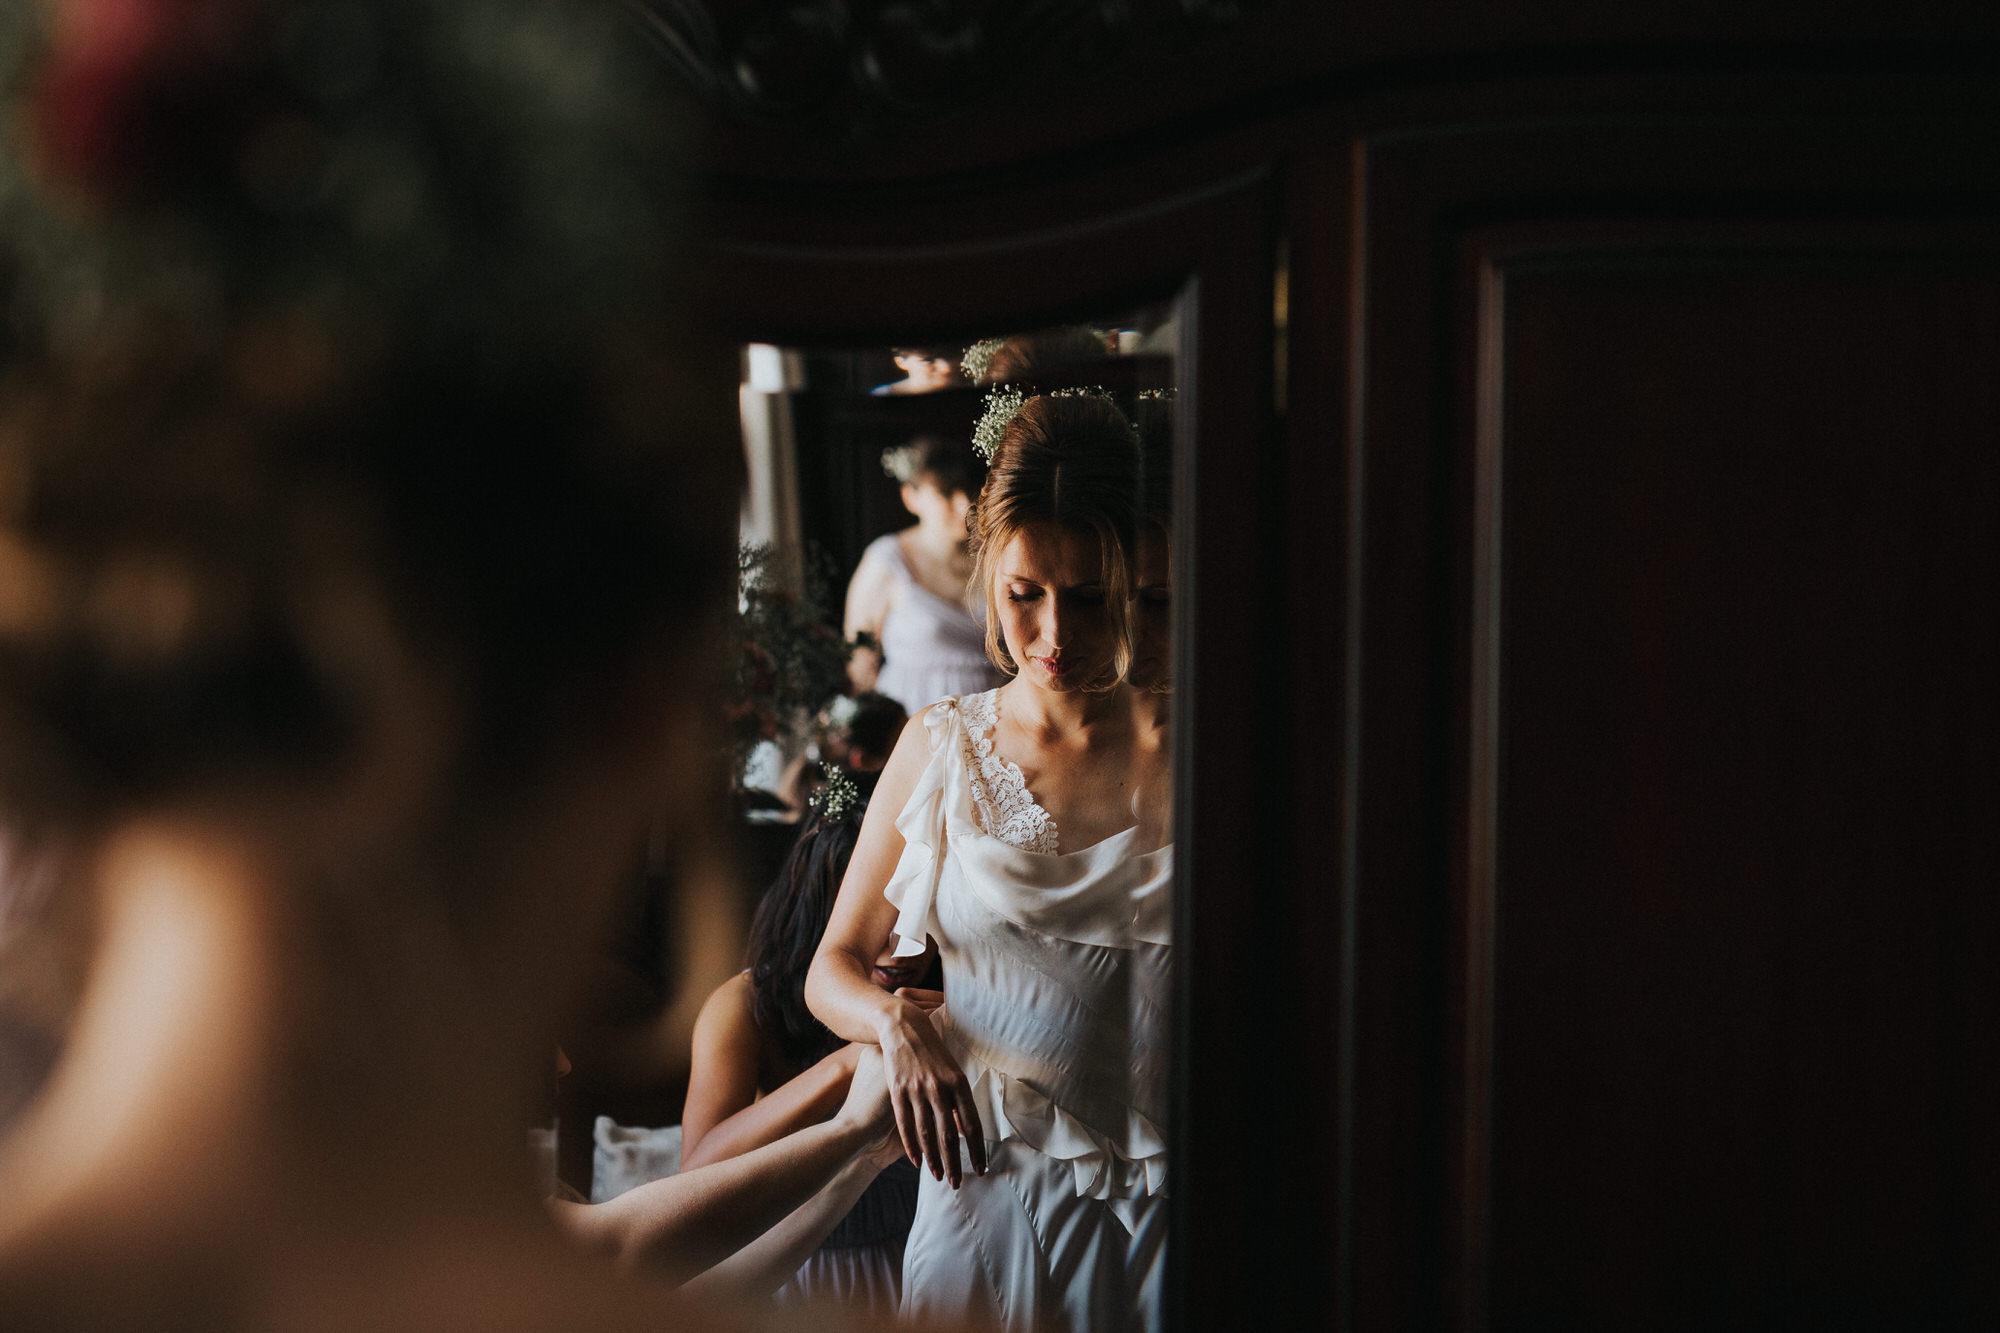 Filipe Santiago Fotografia-fotografo-malveira-lisboa-cascais-mafra-melhores-reportagem-wedding-photography-portugal-lisbon-best-natural-casamentos-lifestyle-bride-ideias-rustic-boho-hair-mackup-damas-preparativos-preparations-bridemaids-dress-storie-mirror